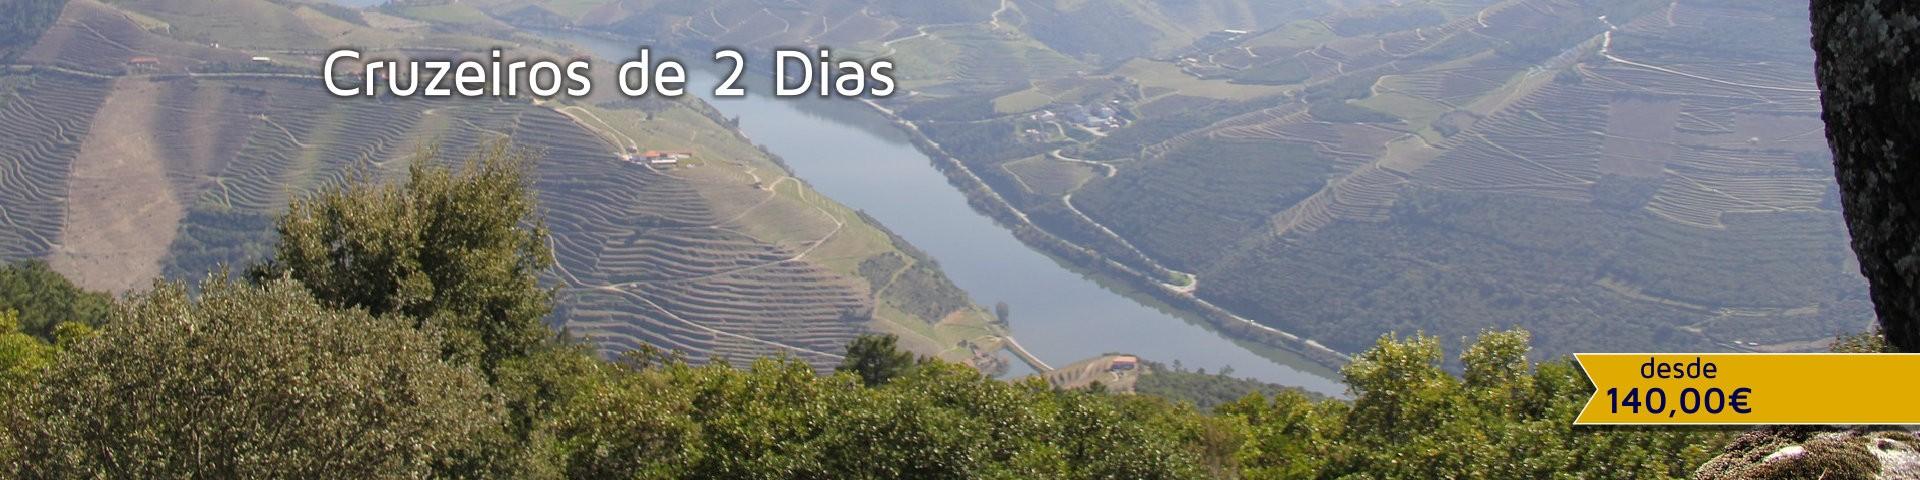 Cruzeiros 2 Dias